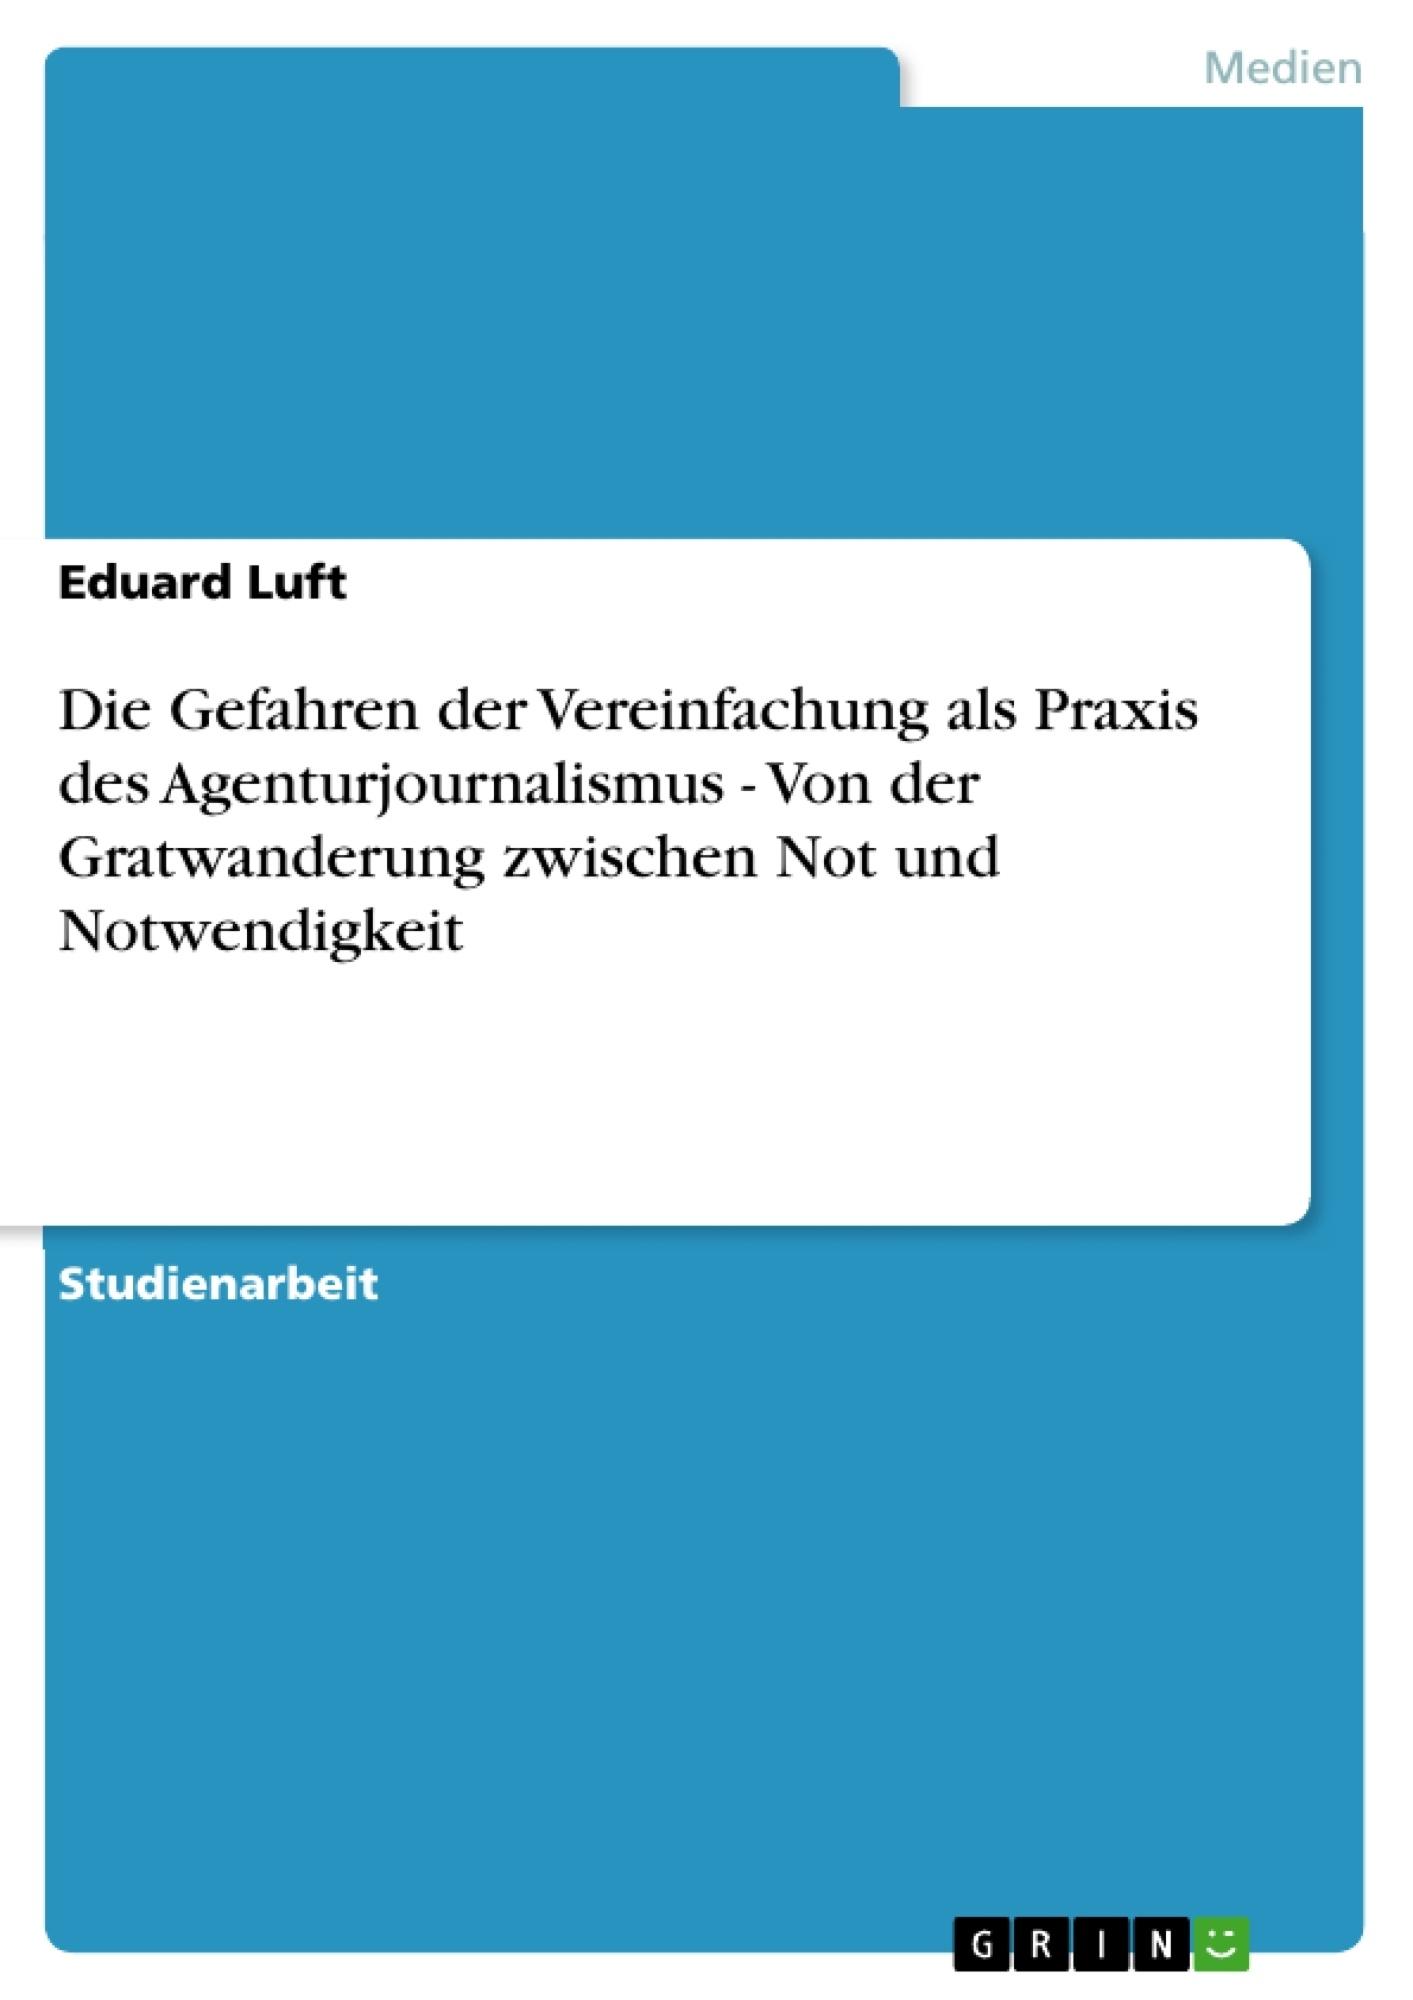 Titel: Die Gefahren der Vereinfachung als Praxis des Agenturjournalismus - Von der Gratwanderung zwischen Not und Notwendigkeit